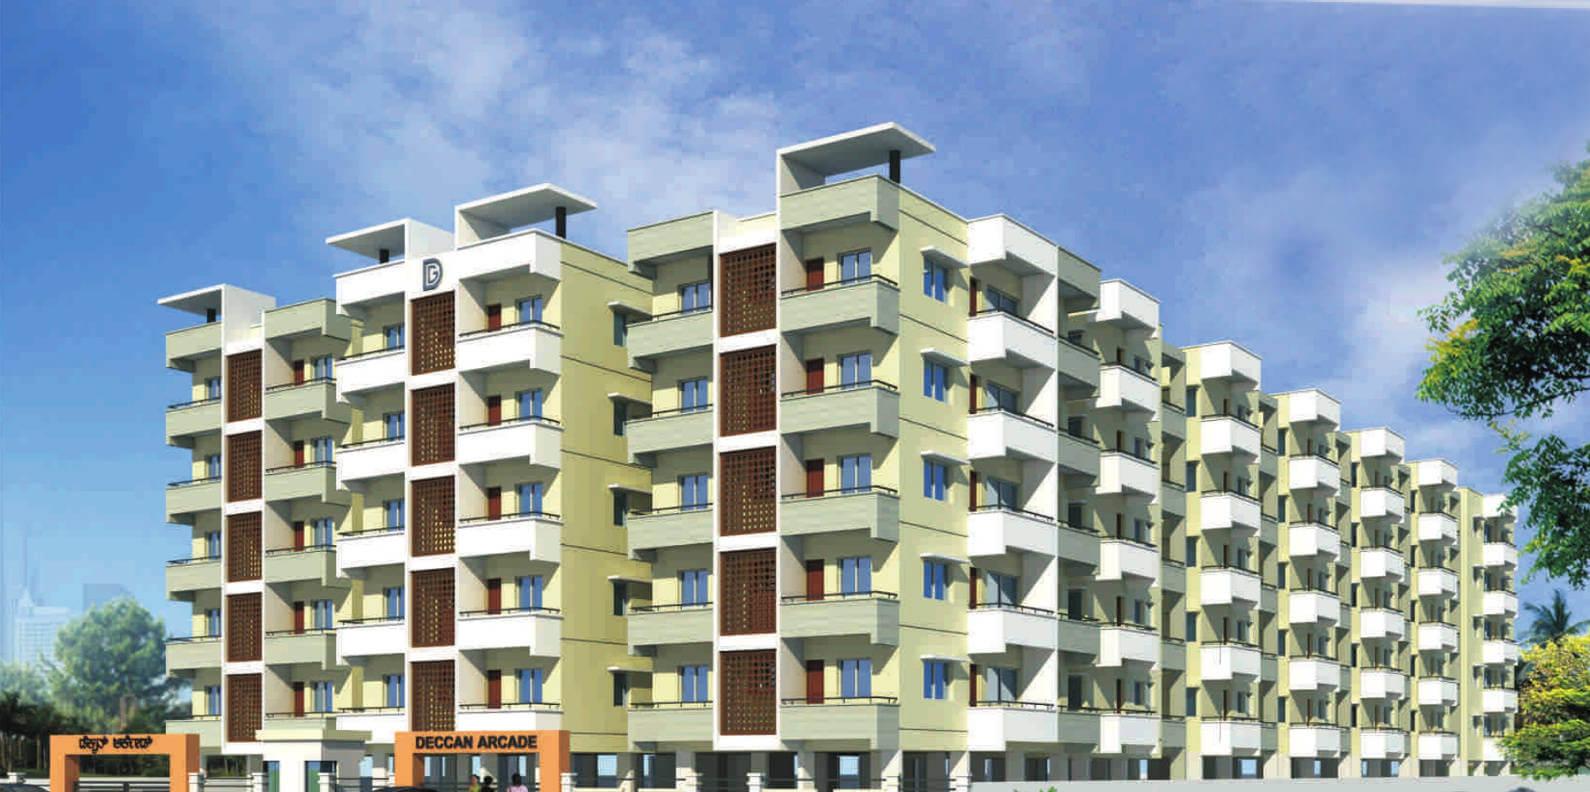 Deccan Arcade 2 Raja Rajeshwari Nagar Bangalore 3774